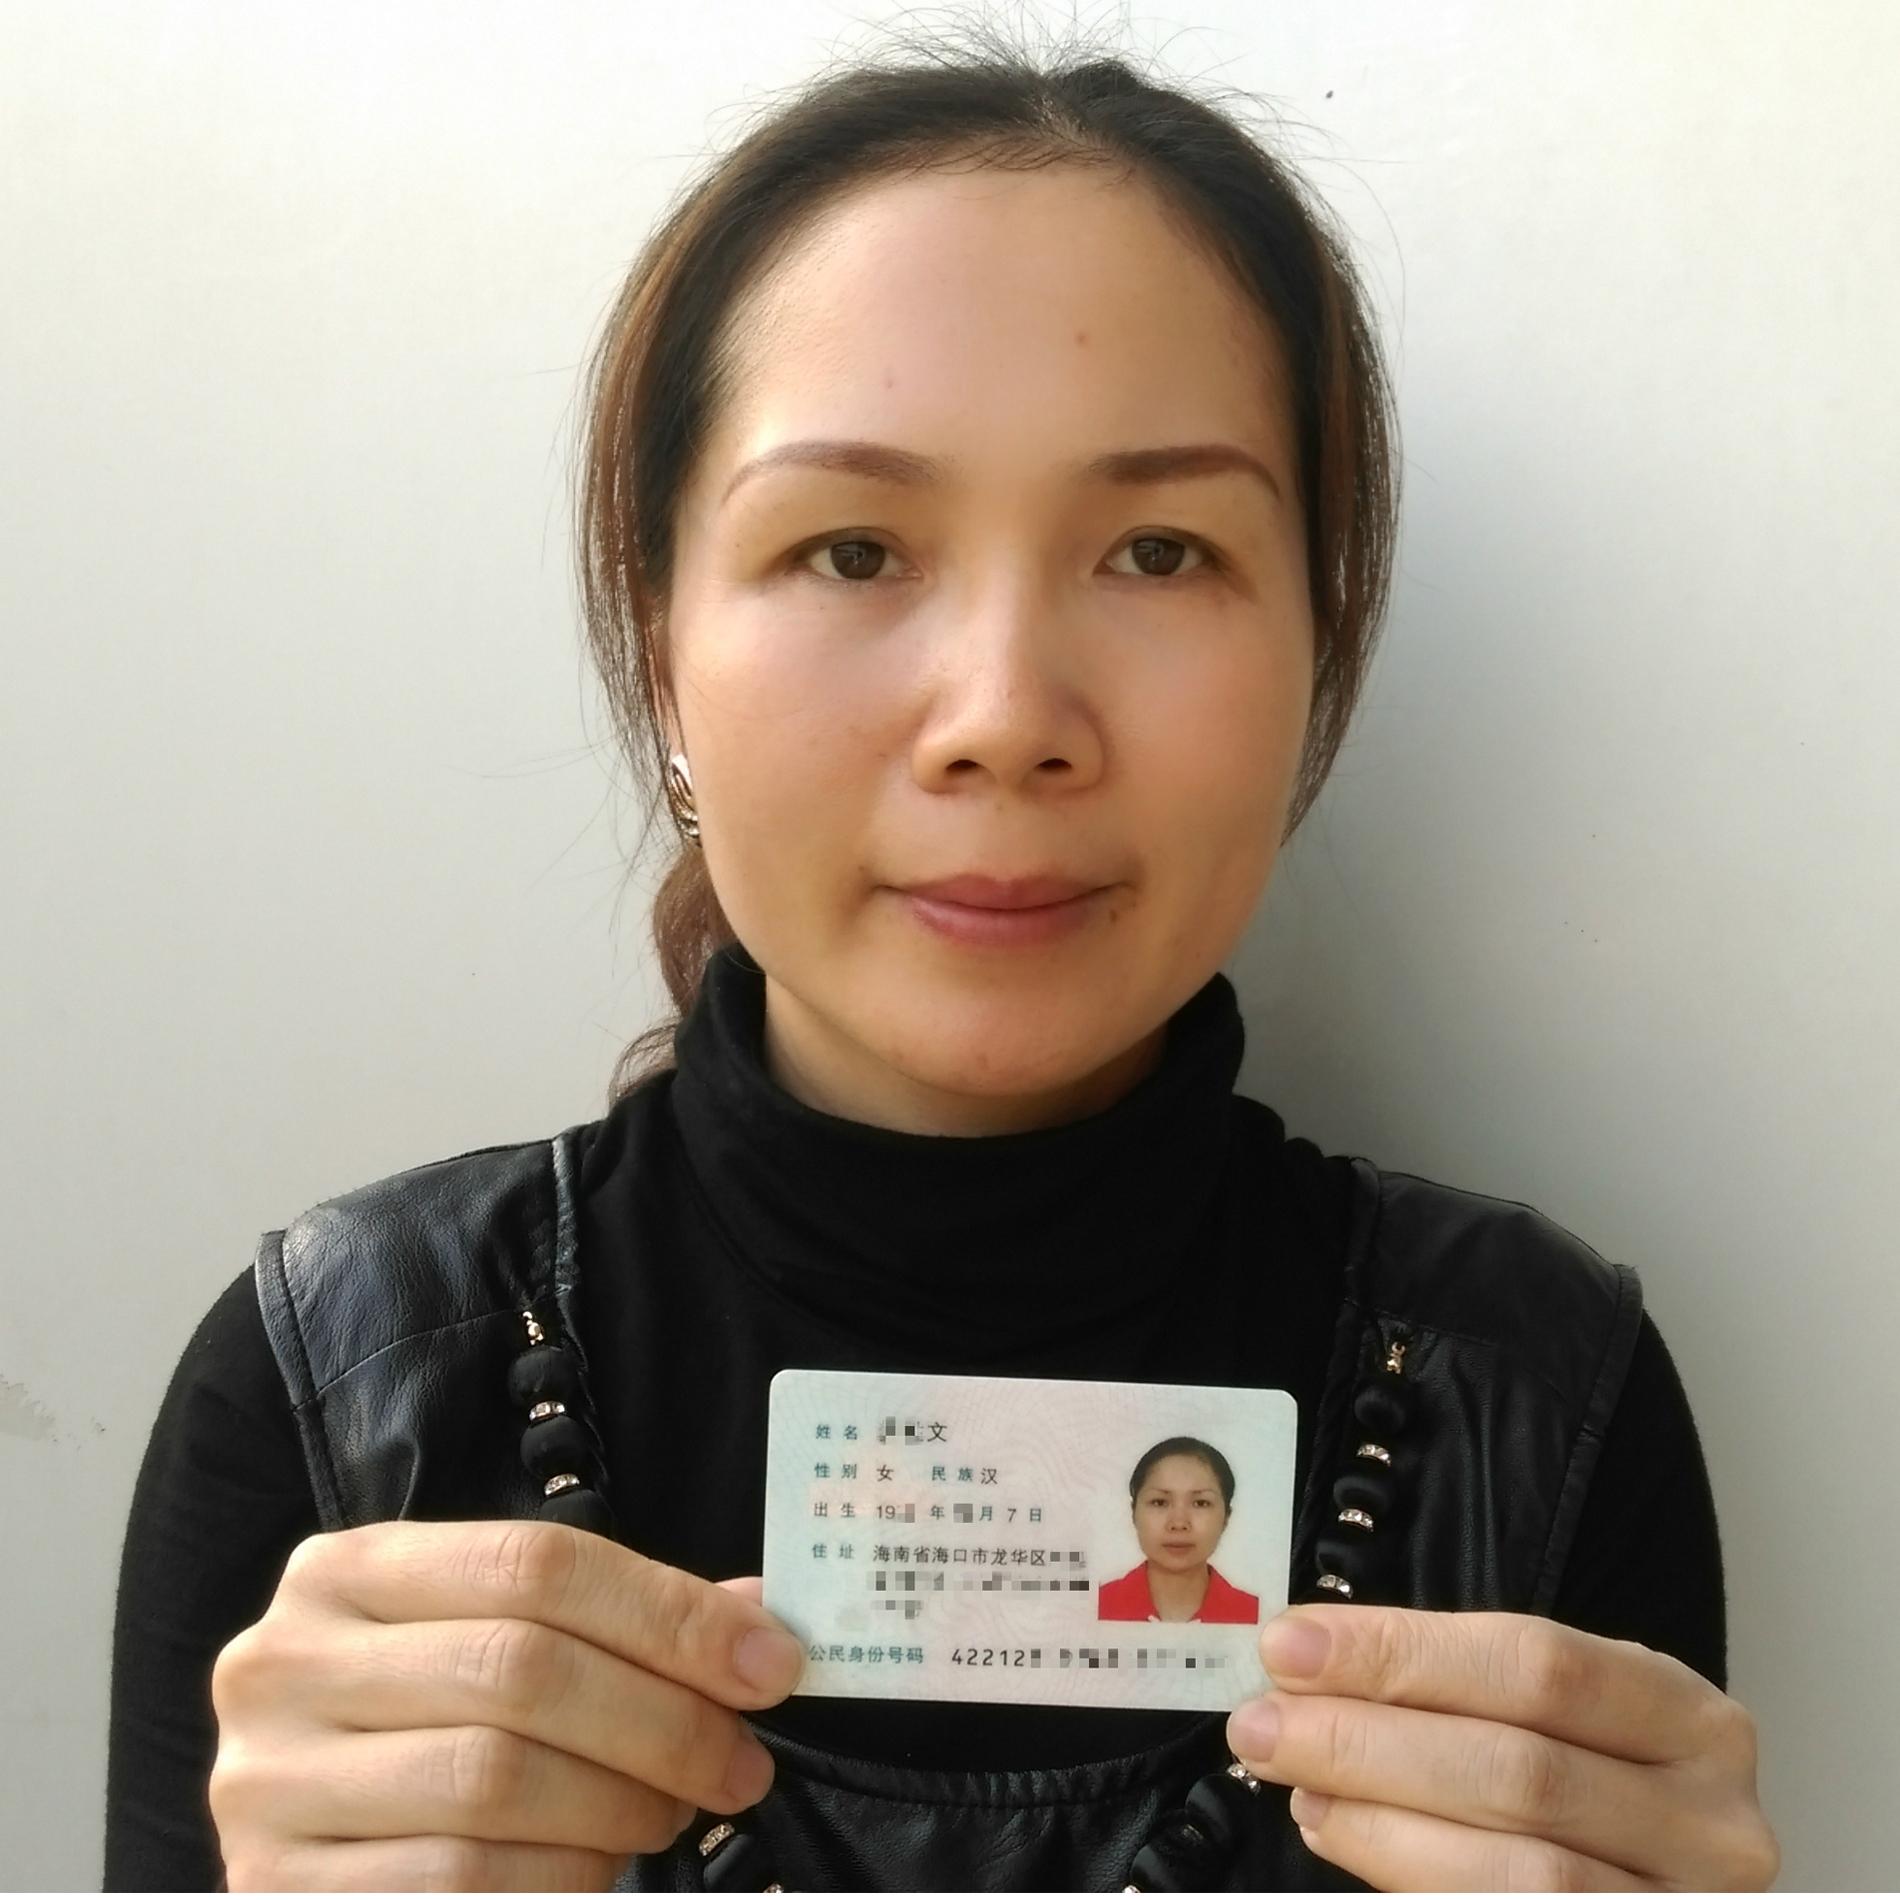 身份证正面_宽带详情页面